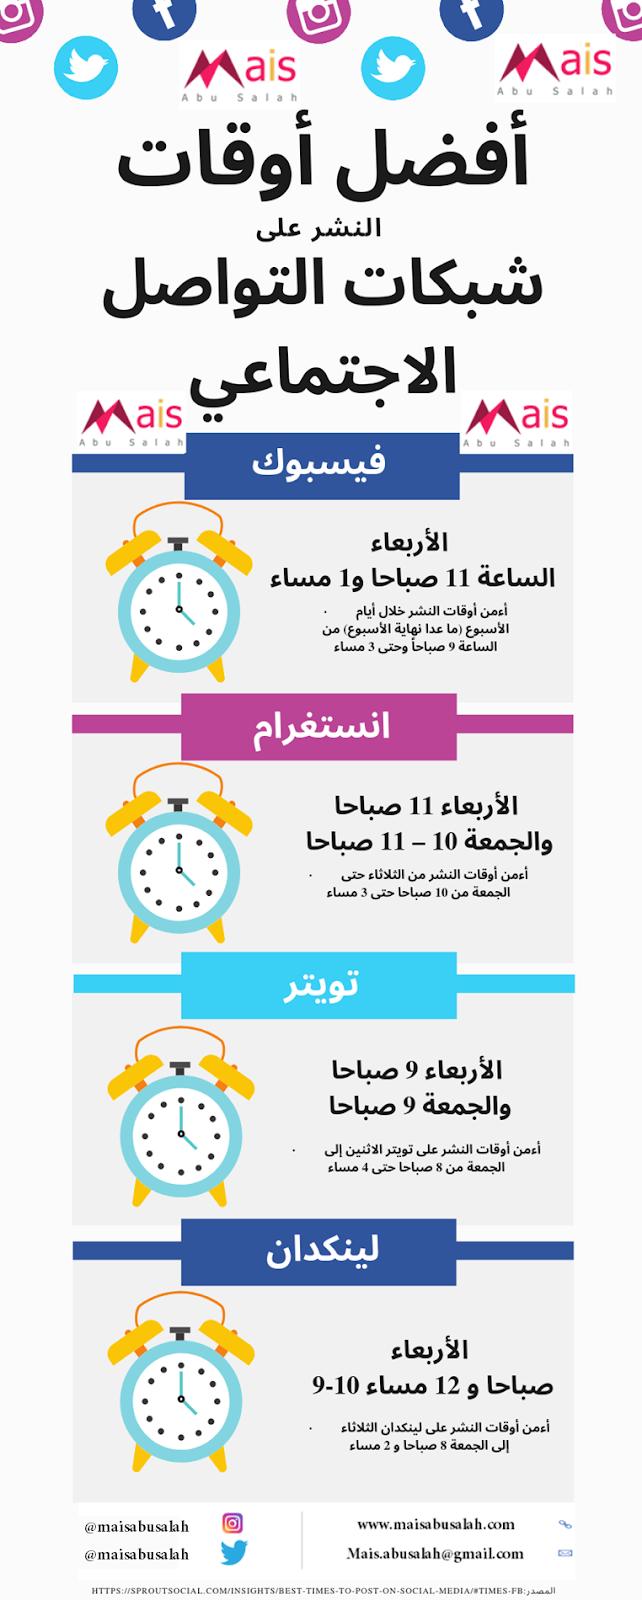 أفضل أوقات النشر على شبكات التواصل الاجتماعي 2019 #انفوجرافيك #اعلام_اجتماعي